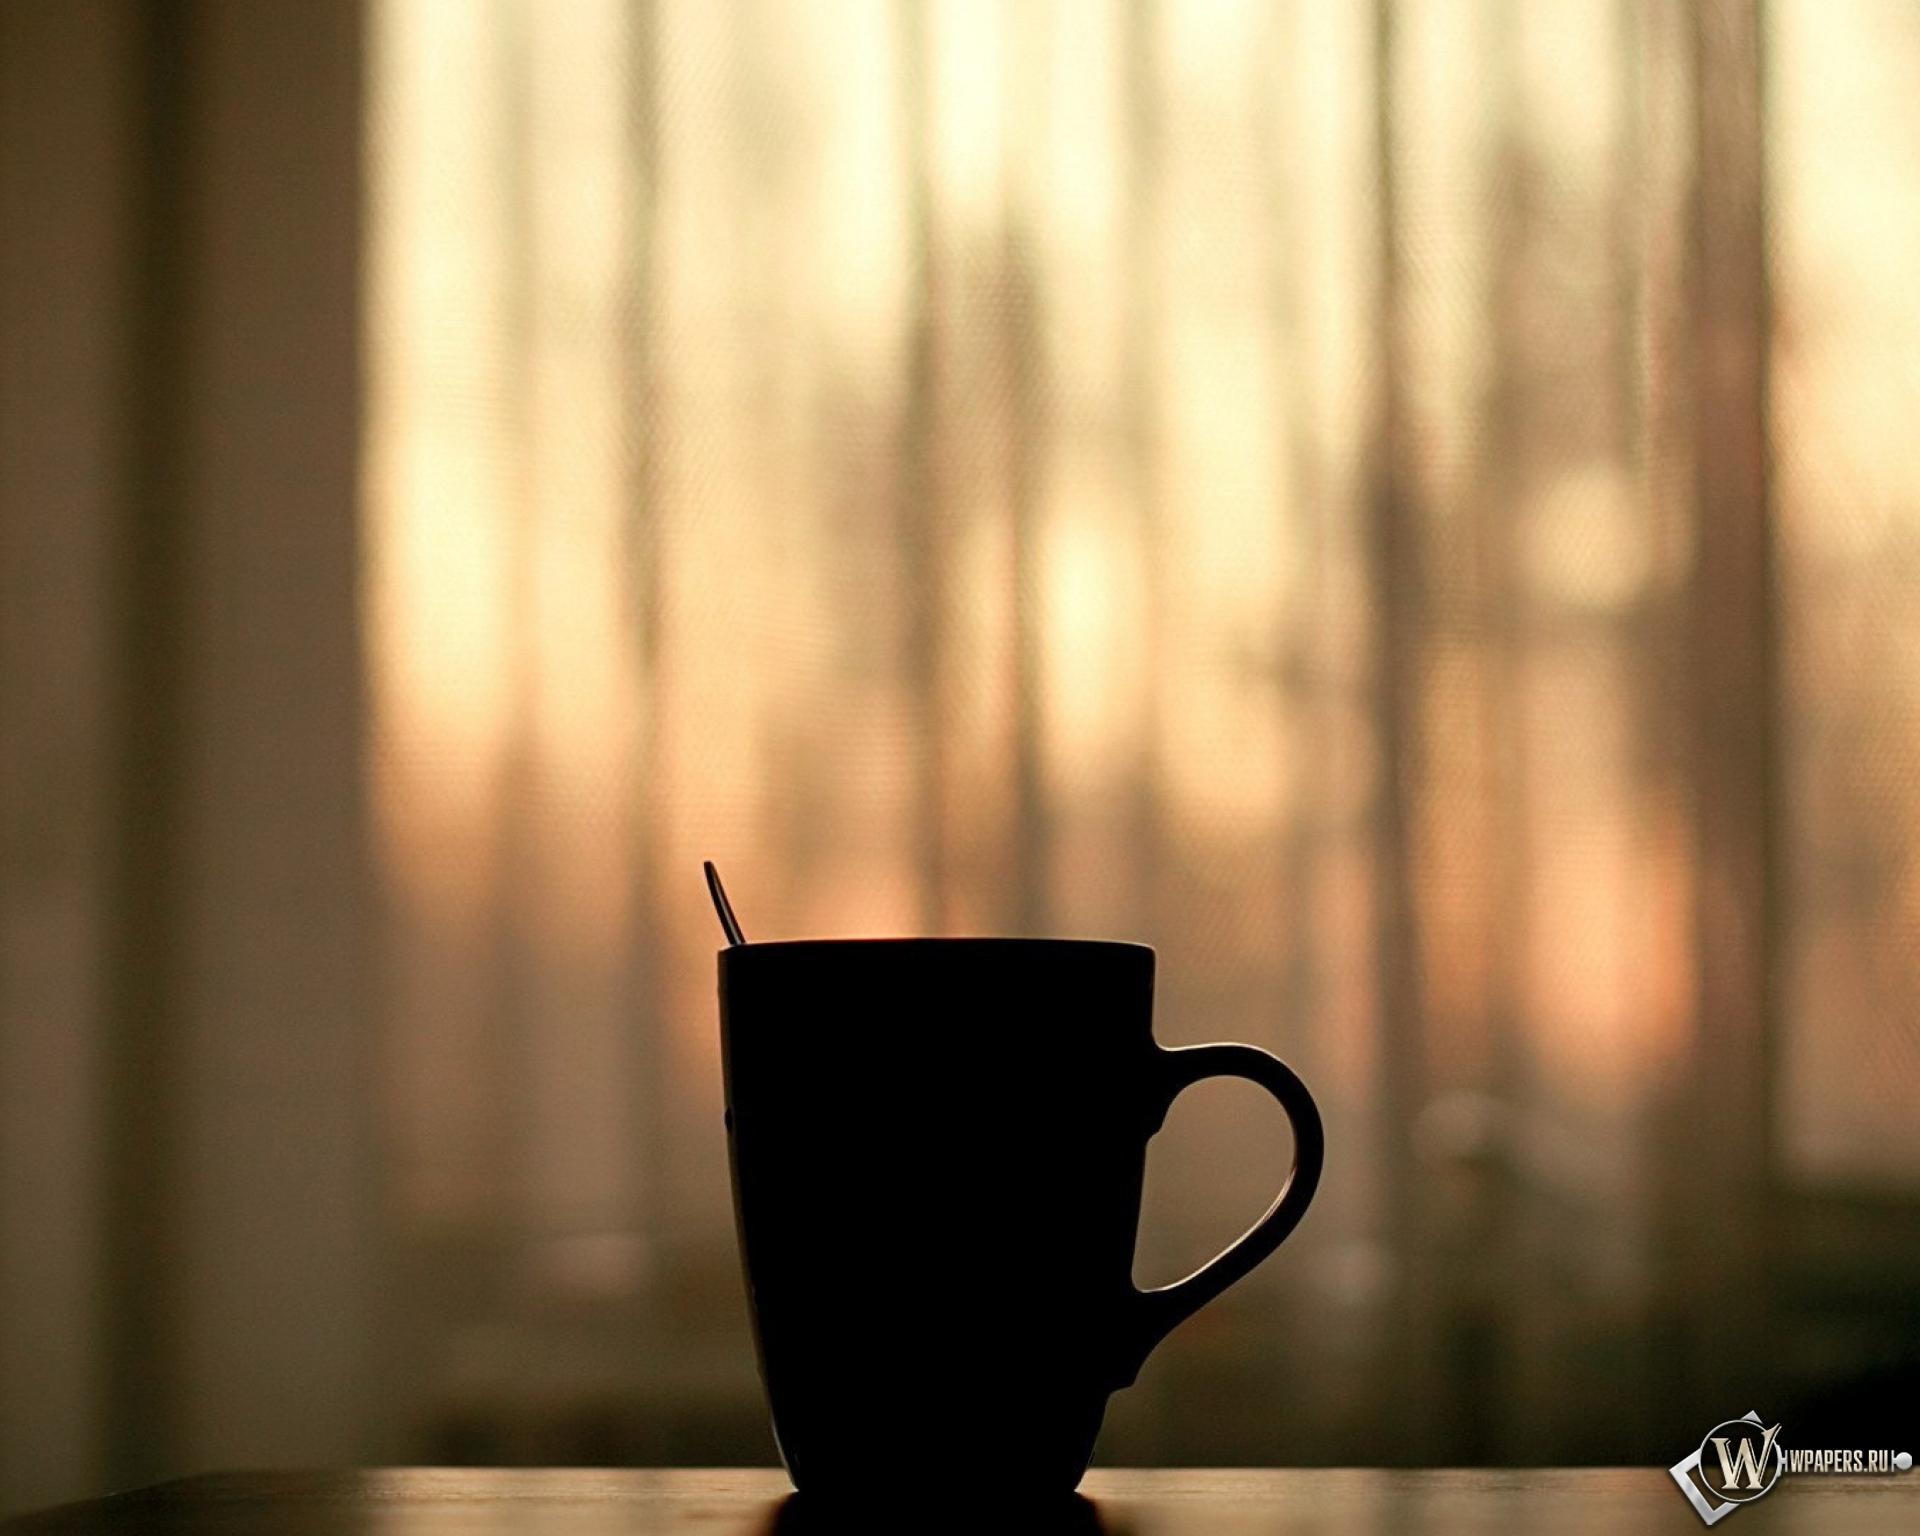 Белая чашка на фоне огней  № 2121440 без смс